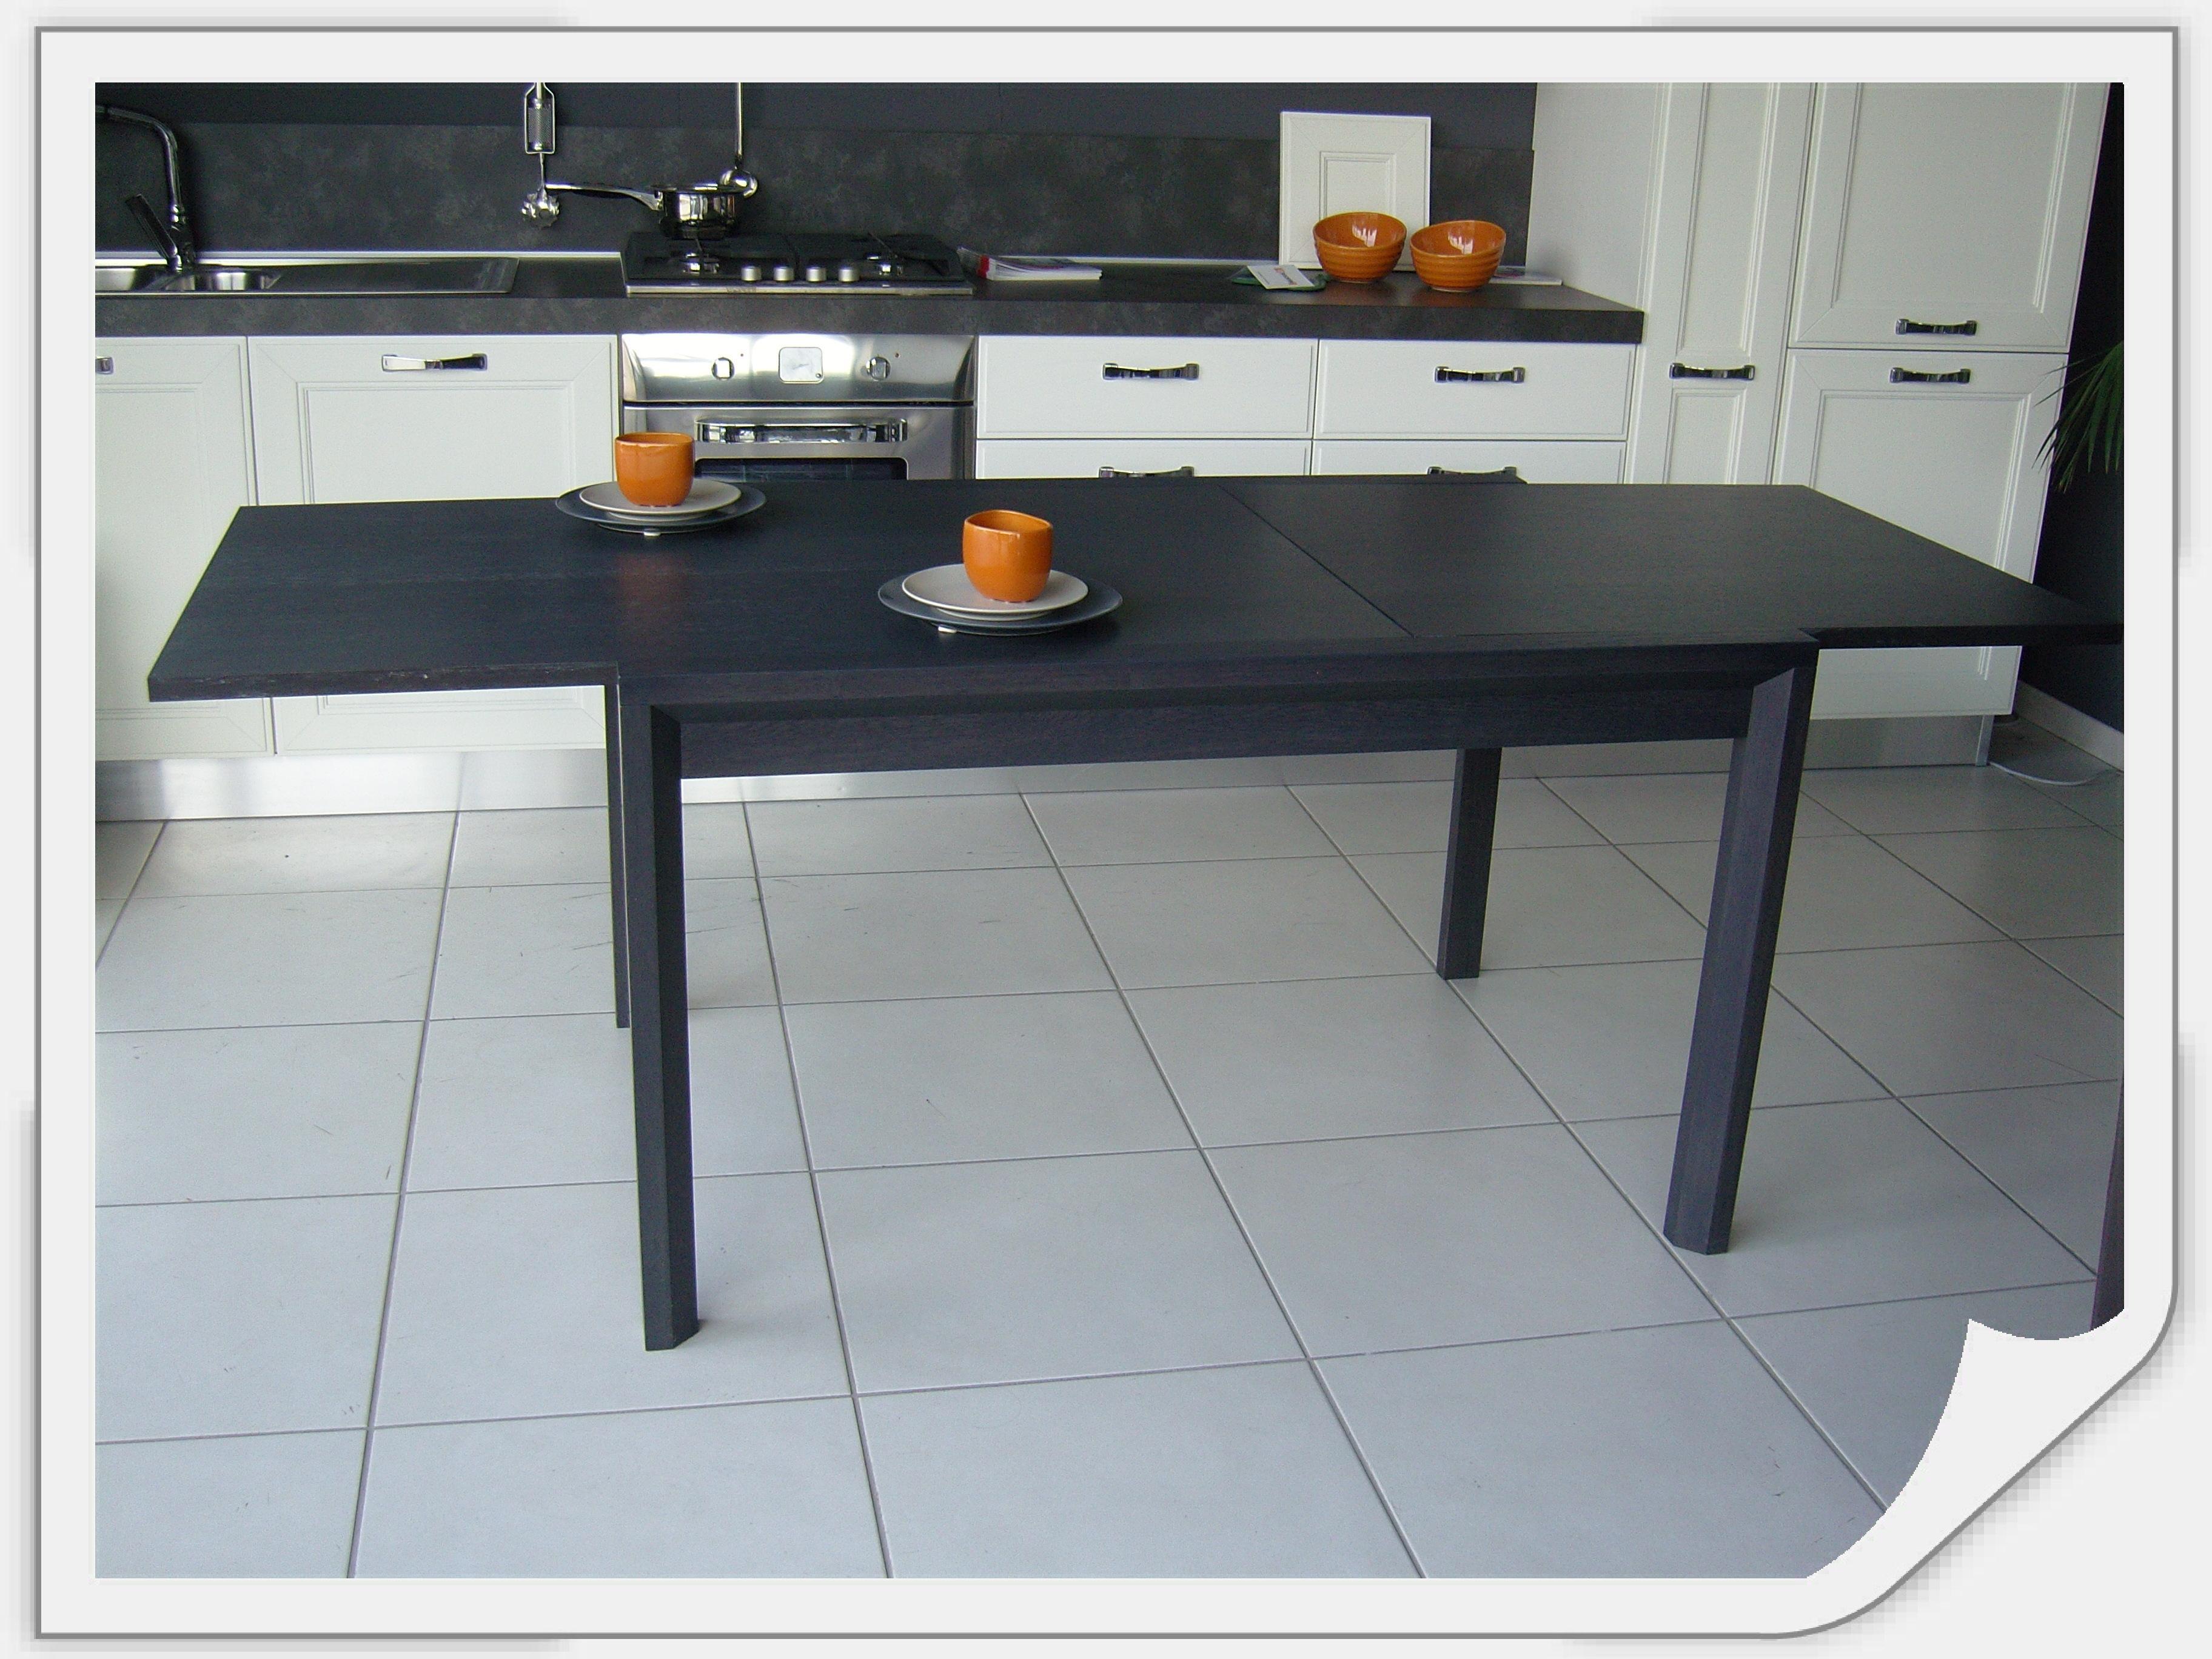 Tavolo treviso ged cucine rettangolare allungabile scontato del 42 tavoli a prezzi scontati - Ged cucine treviso ...